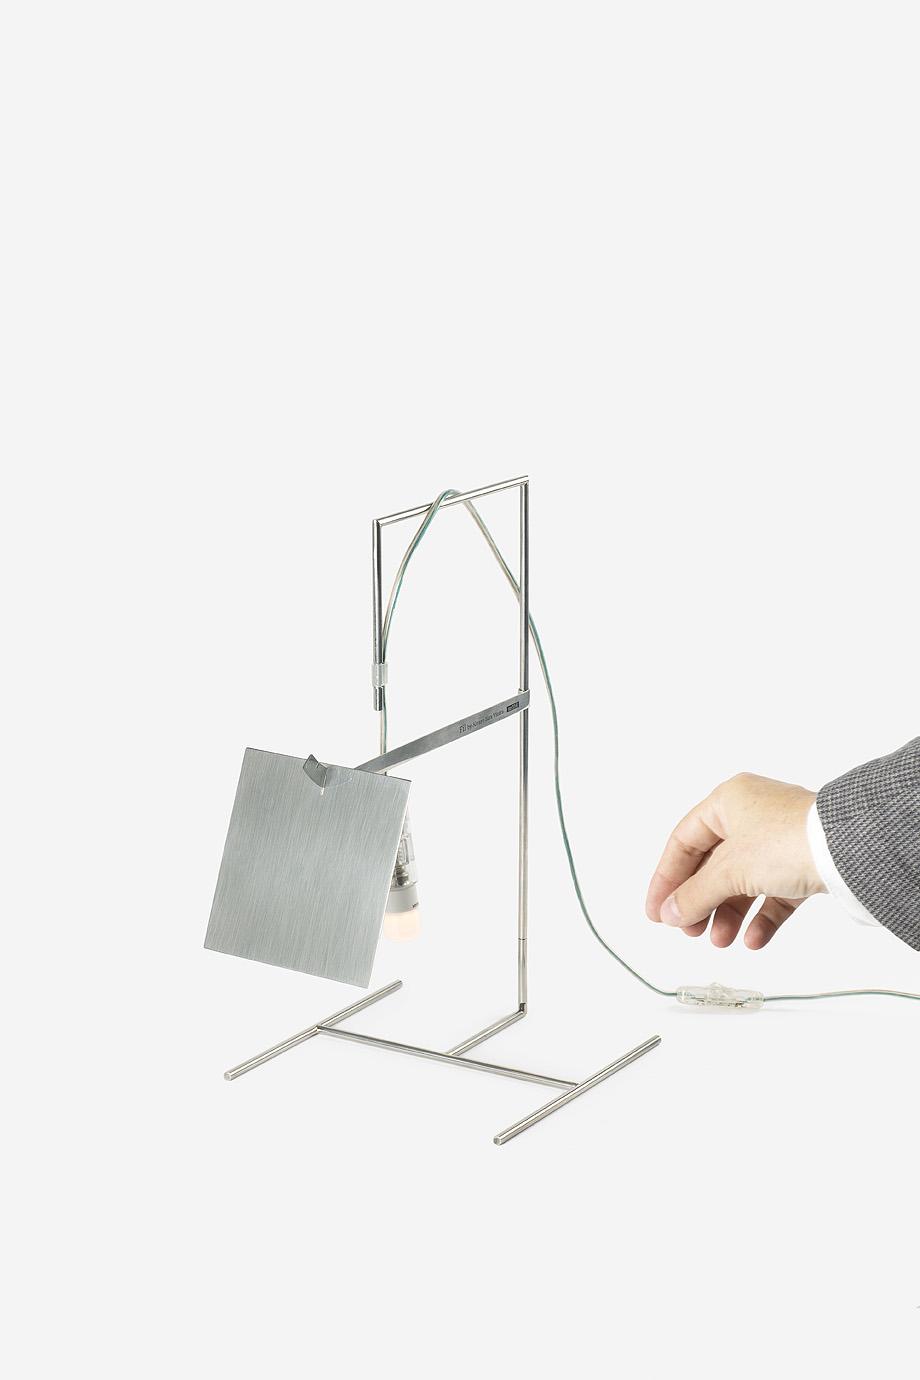 lampara fil alvaro siza vieira mobles 114 (4)